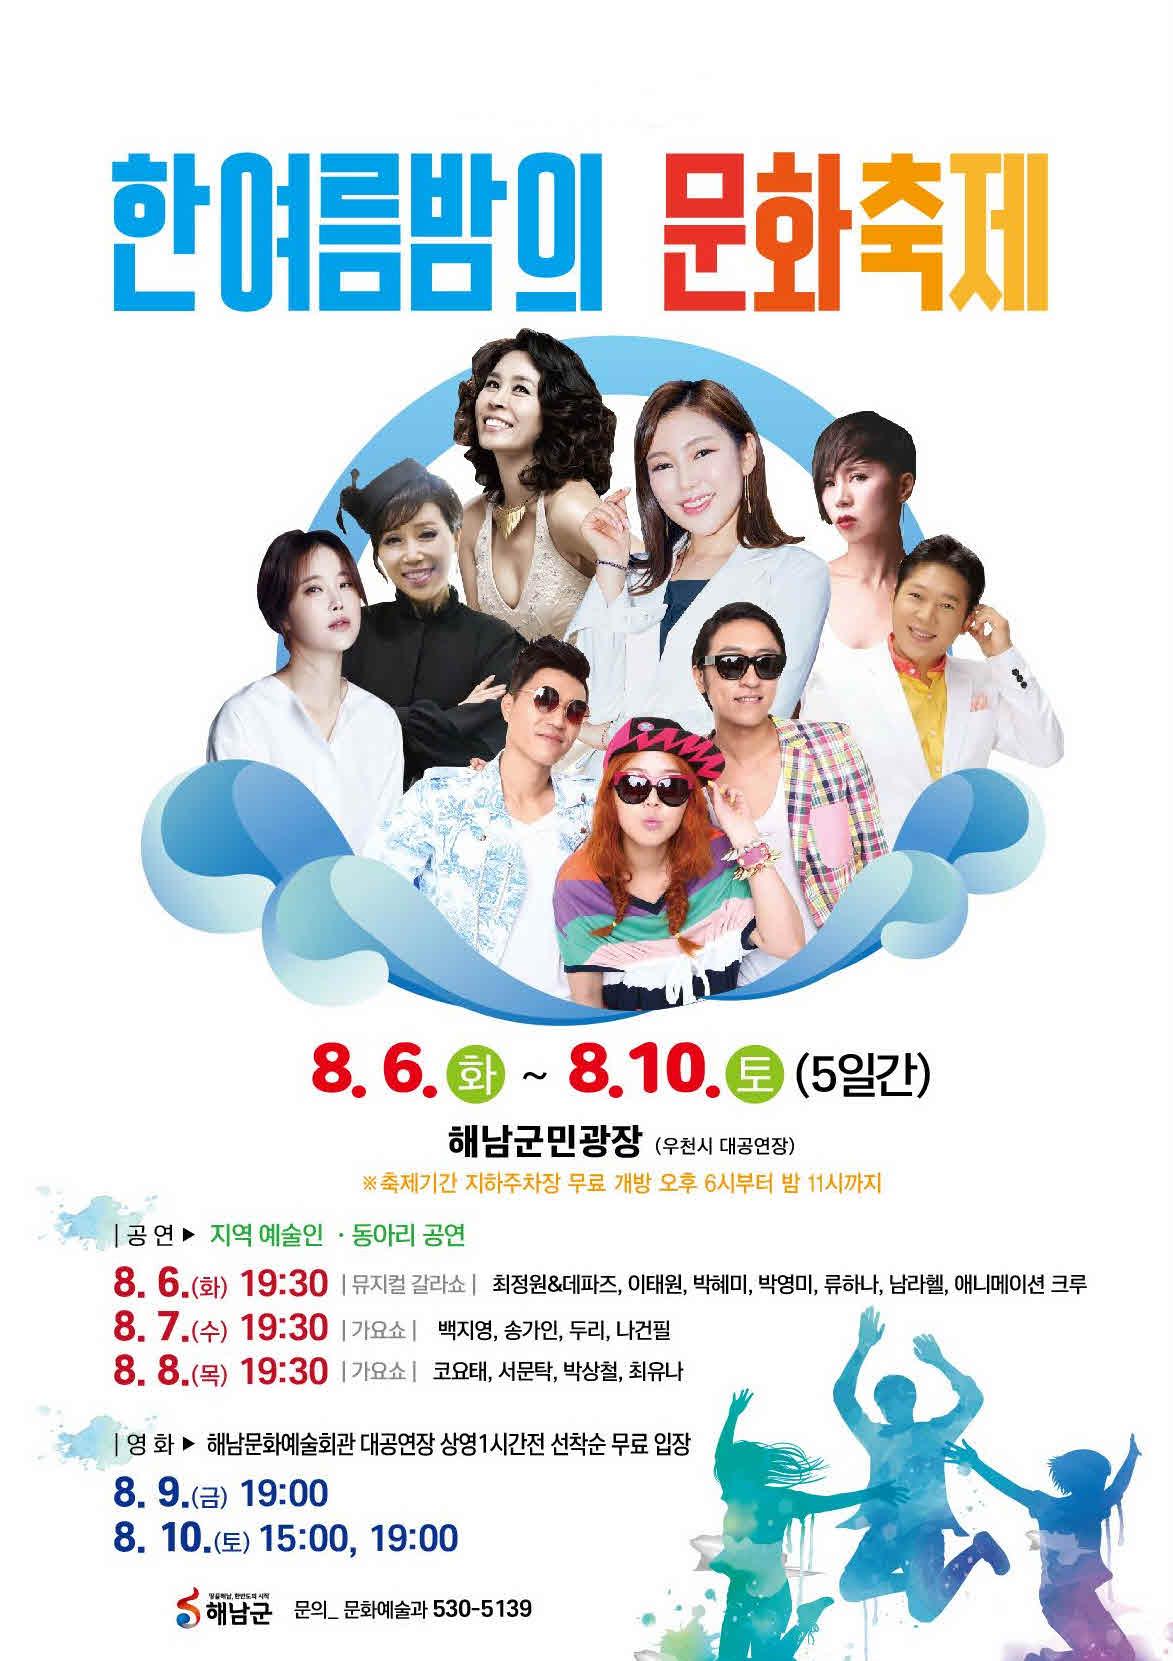 해남군, 8월 6일 부터 10일까지 한여름밤의 문화축제 개최